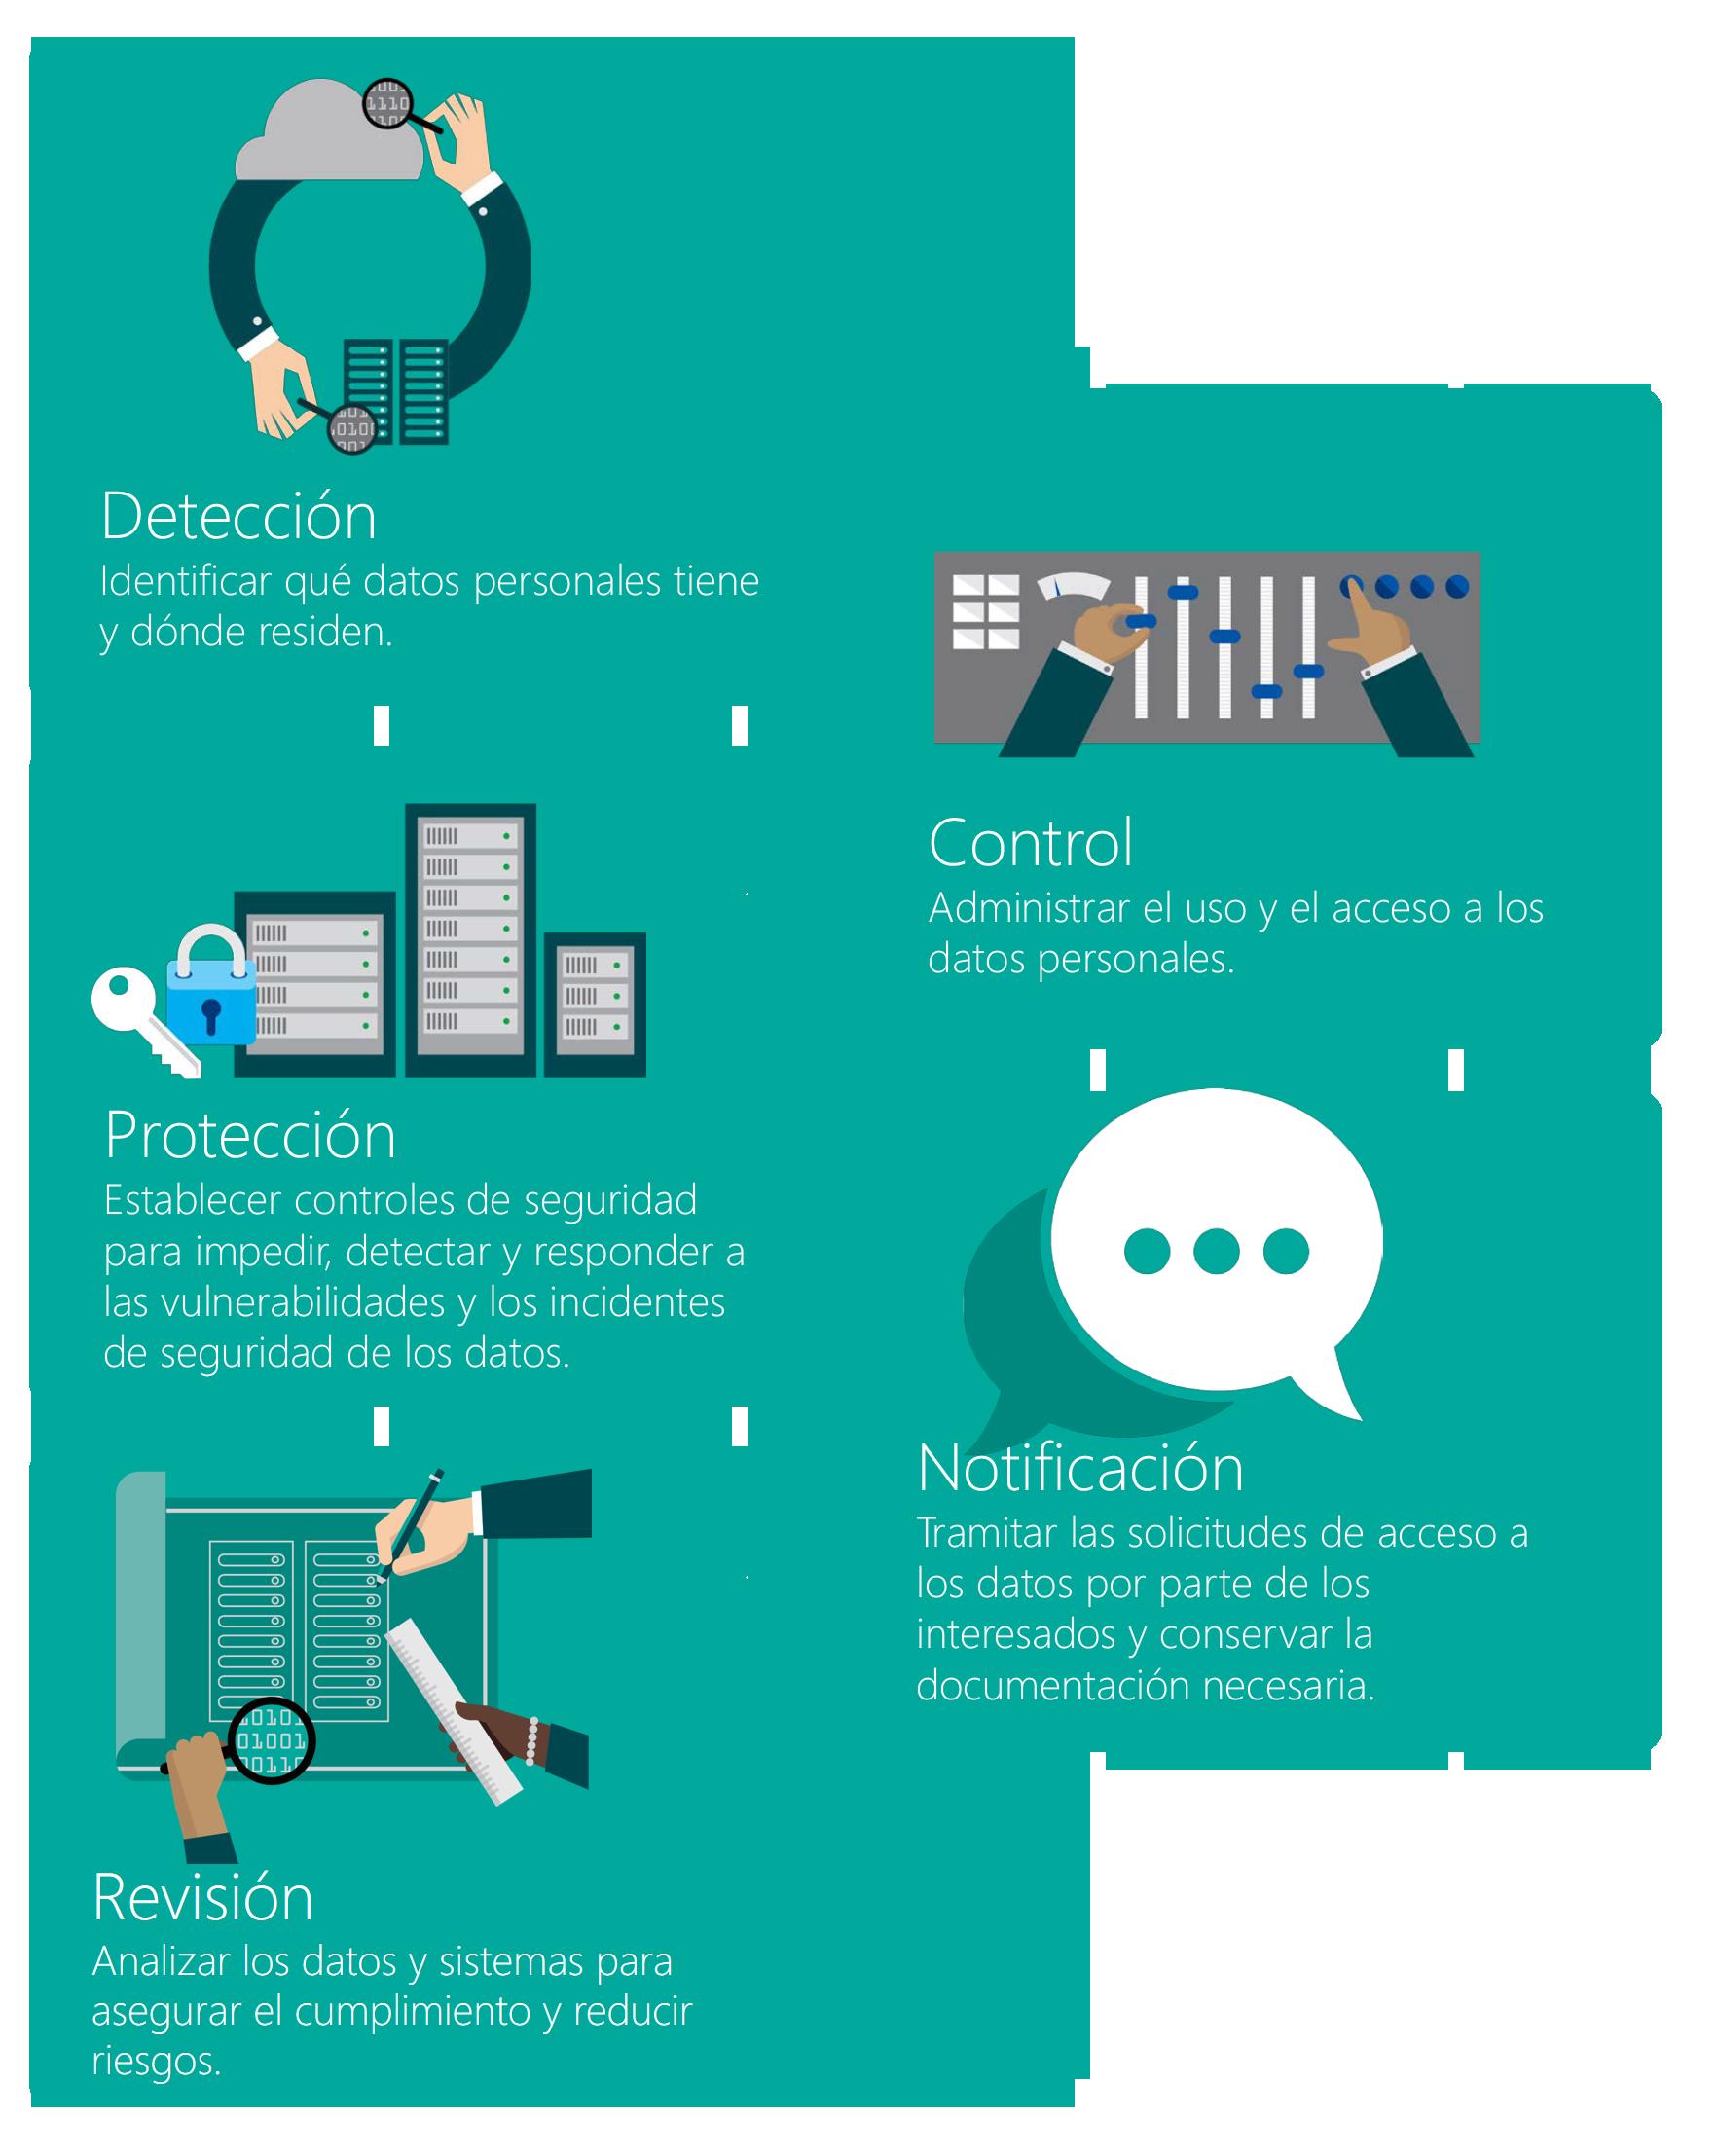 (1) Detección: identificar qué datos personales tiene y dónde residen; (2) Control: administrar el uso y el acceso a los datos personales; (3) Protección: establecer controles de seguridad para impedir, detectar y responder a las vulnerabilidades y los incidentes de seguridad de los datos; (4) Notificación: tramitar las solicitudes de acceso a los datos por parte de los interesados y conservar la documentación necesaria; (5) Revisión: analizar los datos y sistemas para asegurar el cumplimiento y reducir riesgos.